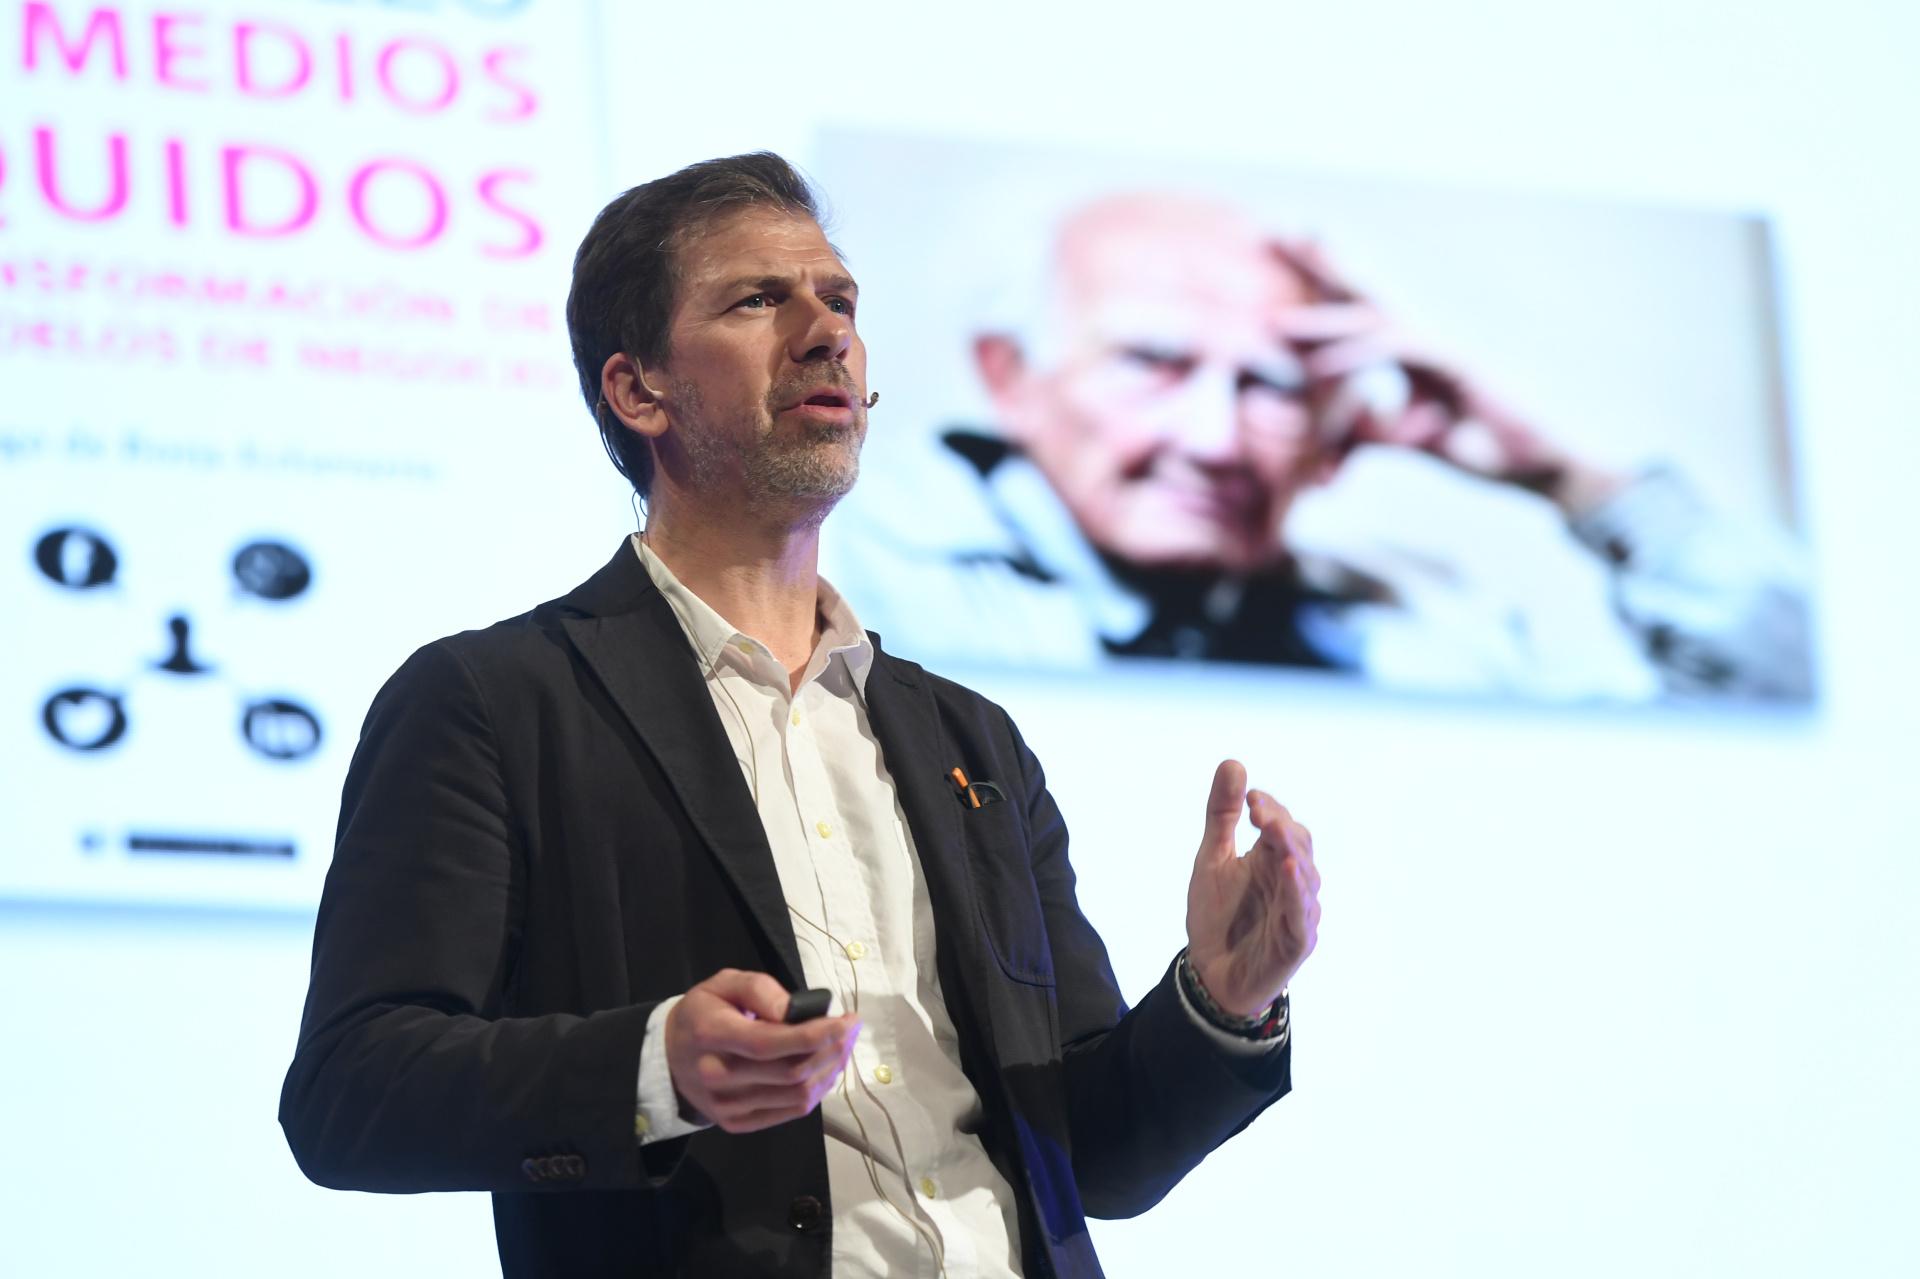 Pepe Cerezo, Director de la Consultora Evoca de España, ofreció un Keynote sobre las marcas y el nuevo ecosistema de medios